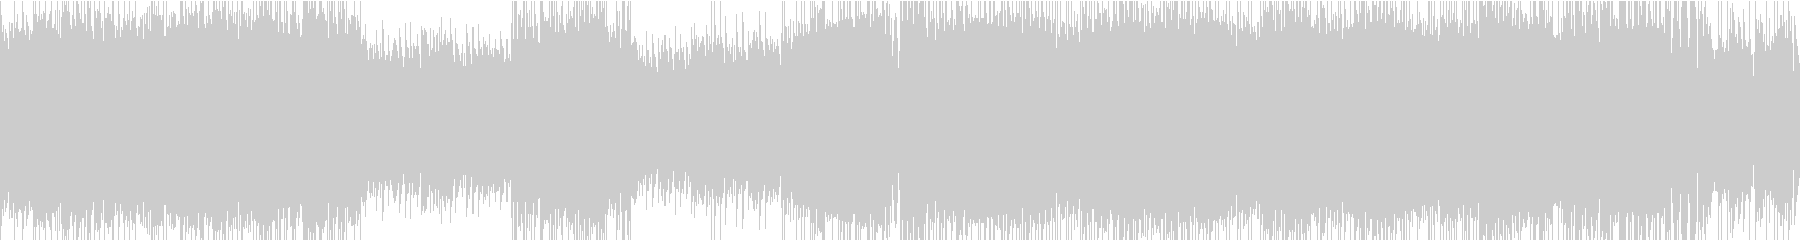 ポップロック②ハード/スピード【ループ】の未再生の波形